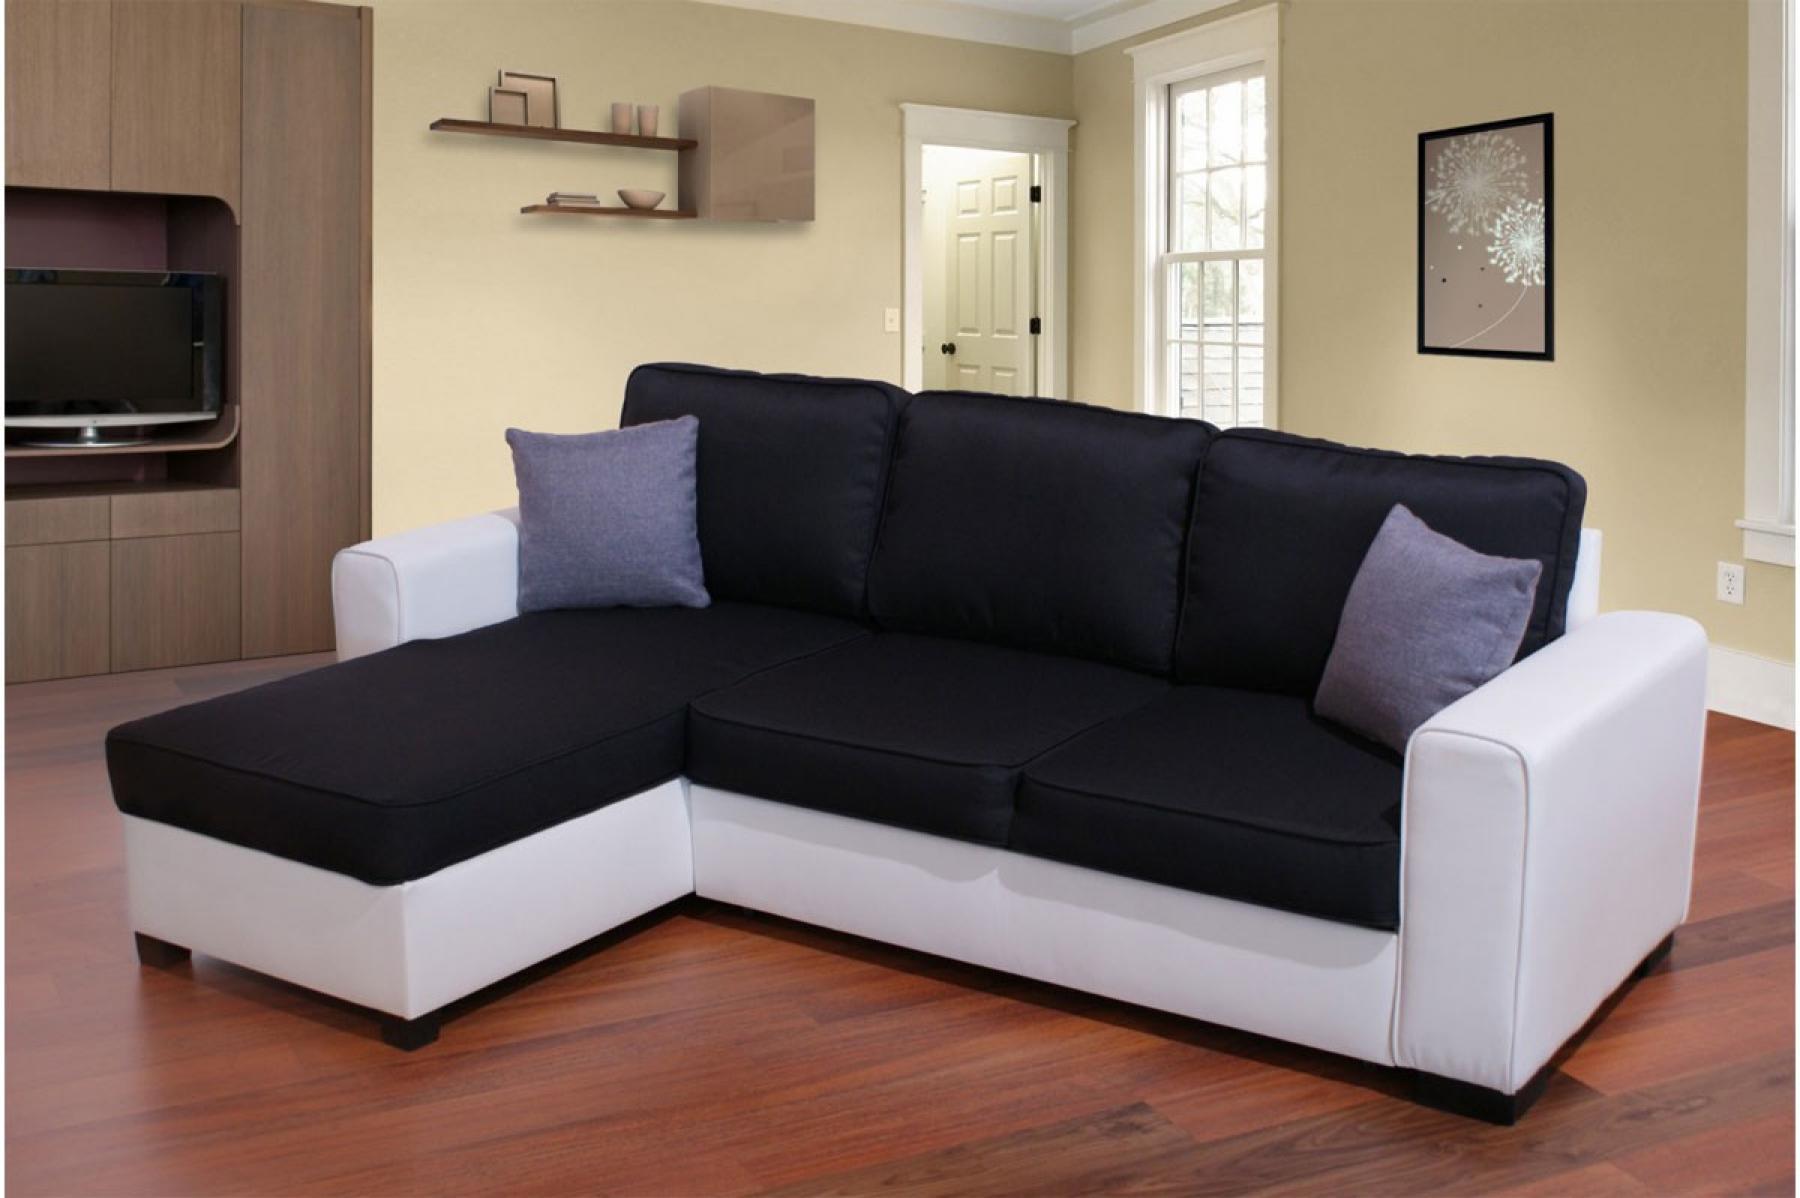 Photos canap noir et blanc simili cuir for Canape noir et blanc